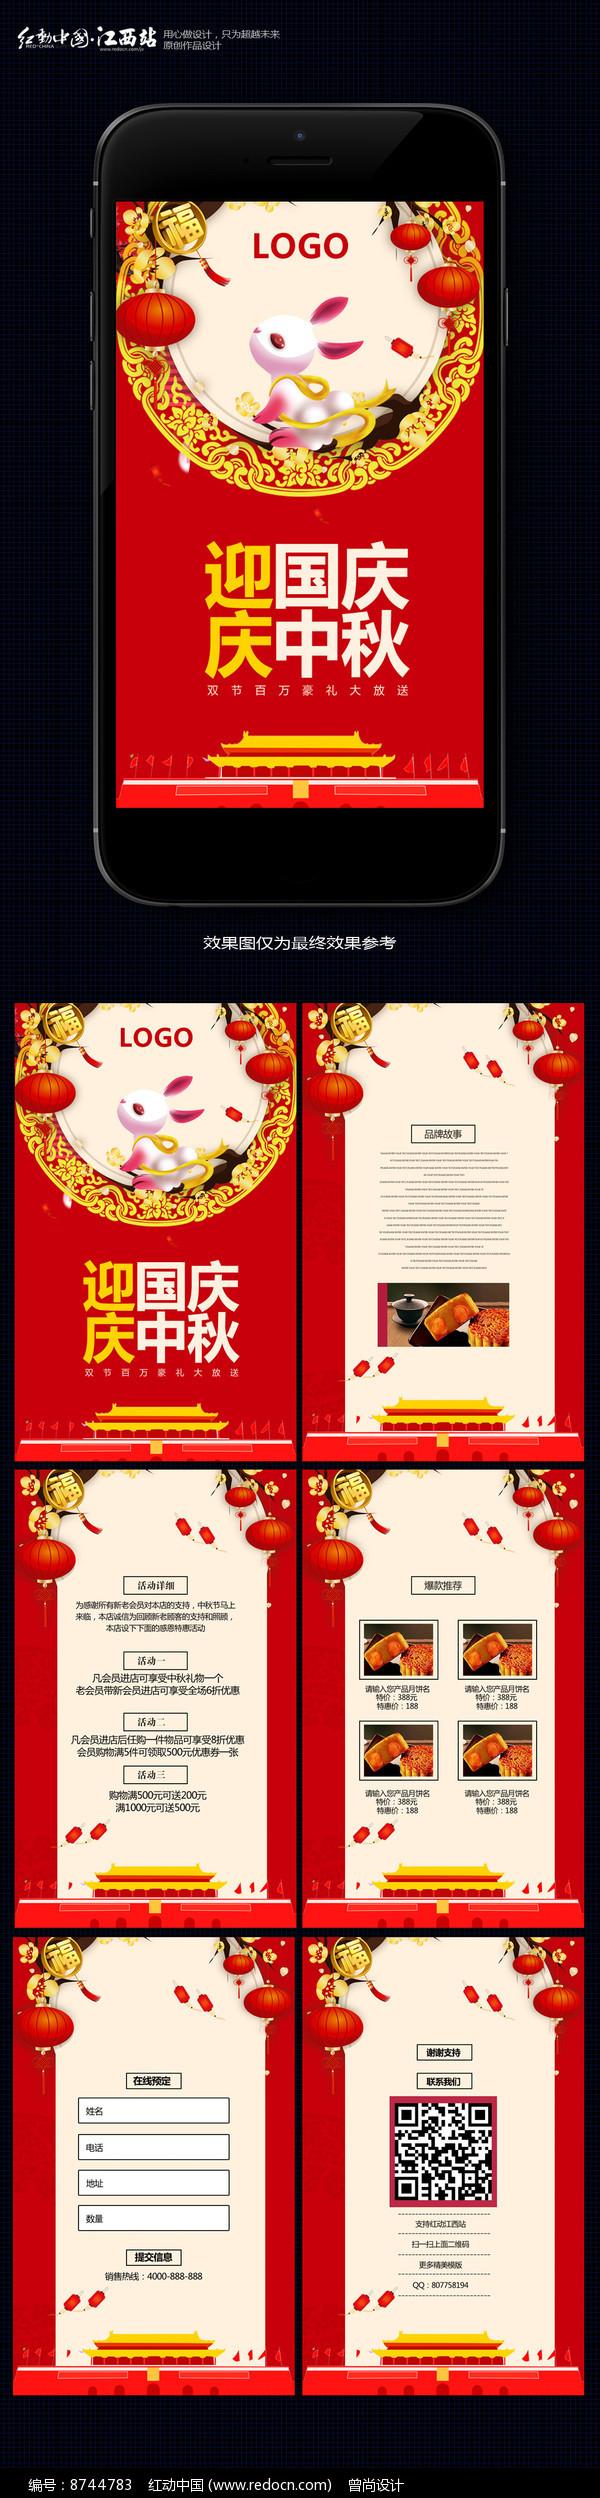 中秋节月饼H5广告模版图片